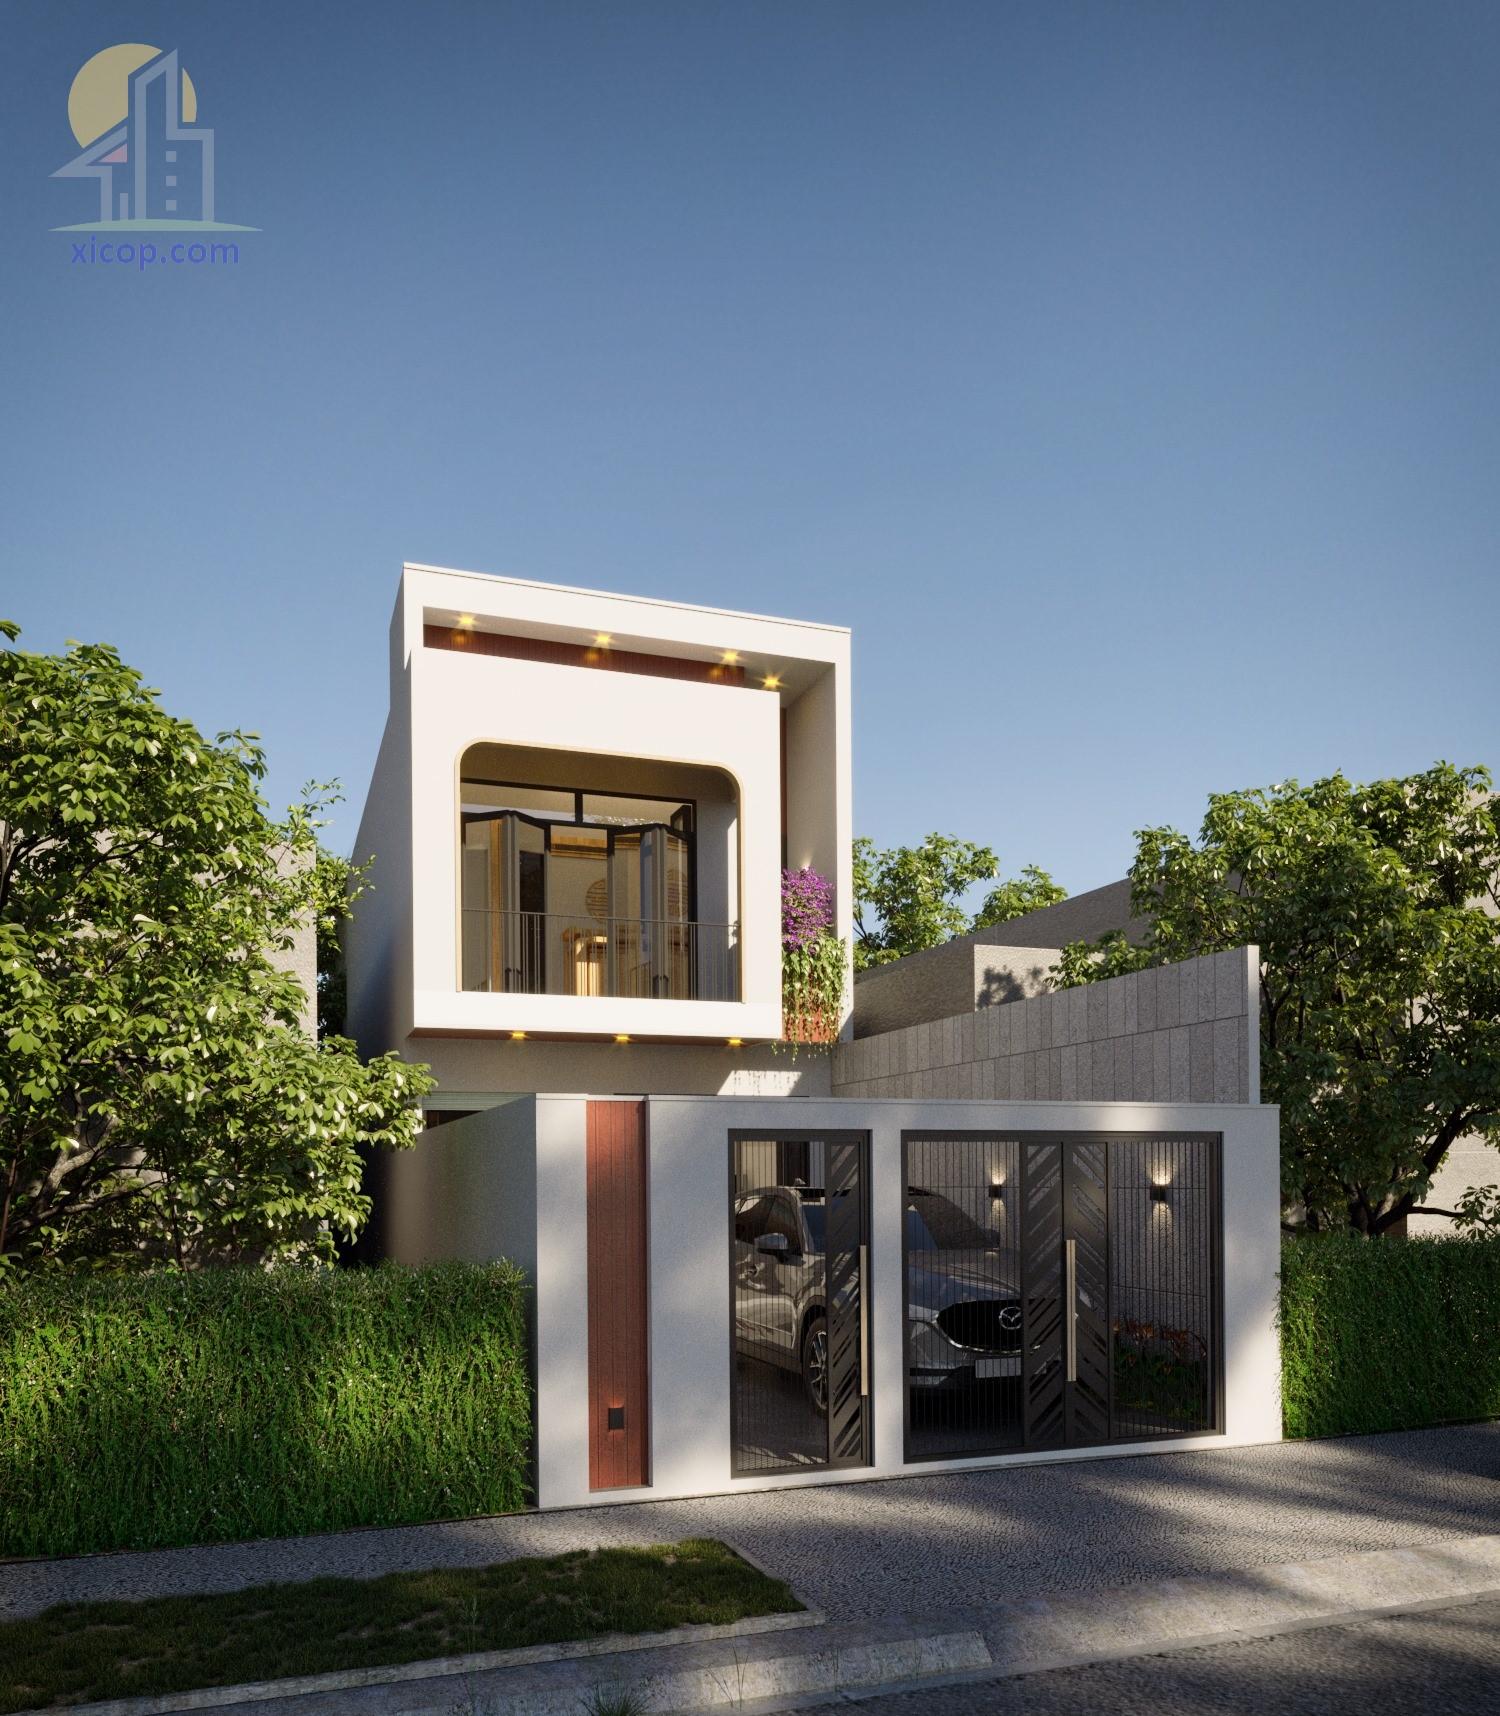 Mẫu nhà 2 tầng mái bằng đơn giản thiết kế đẹp hiện đại